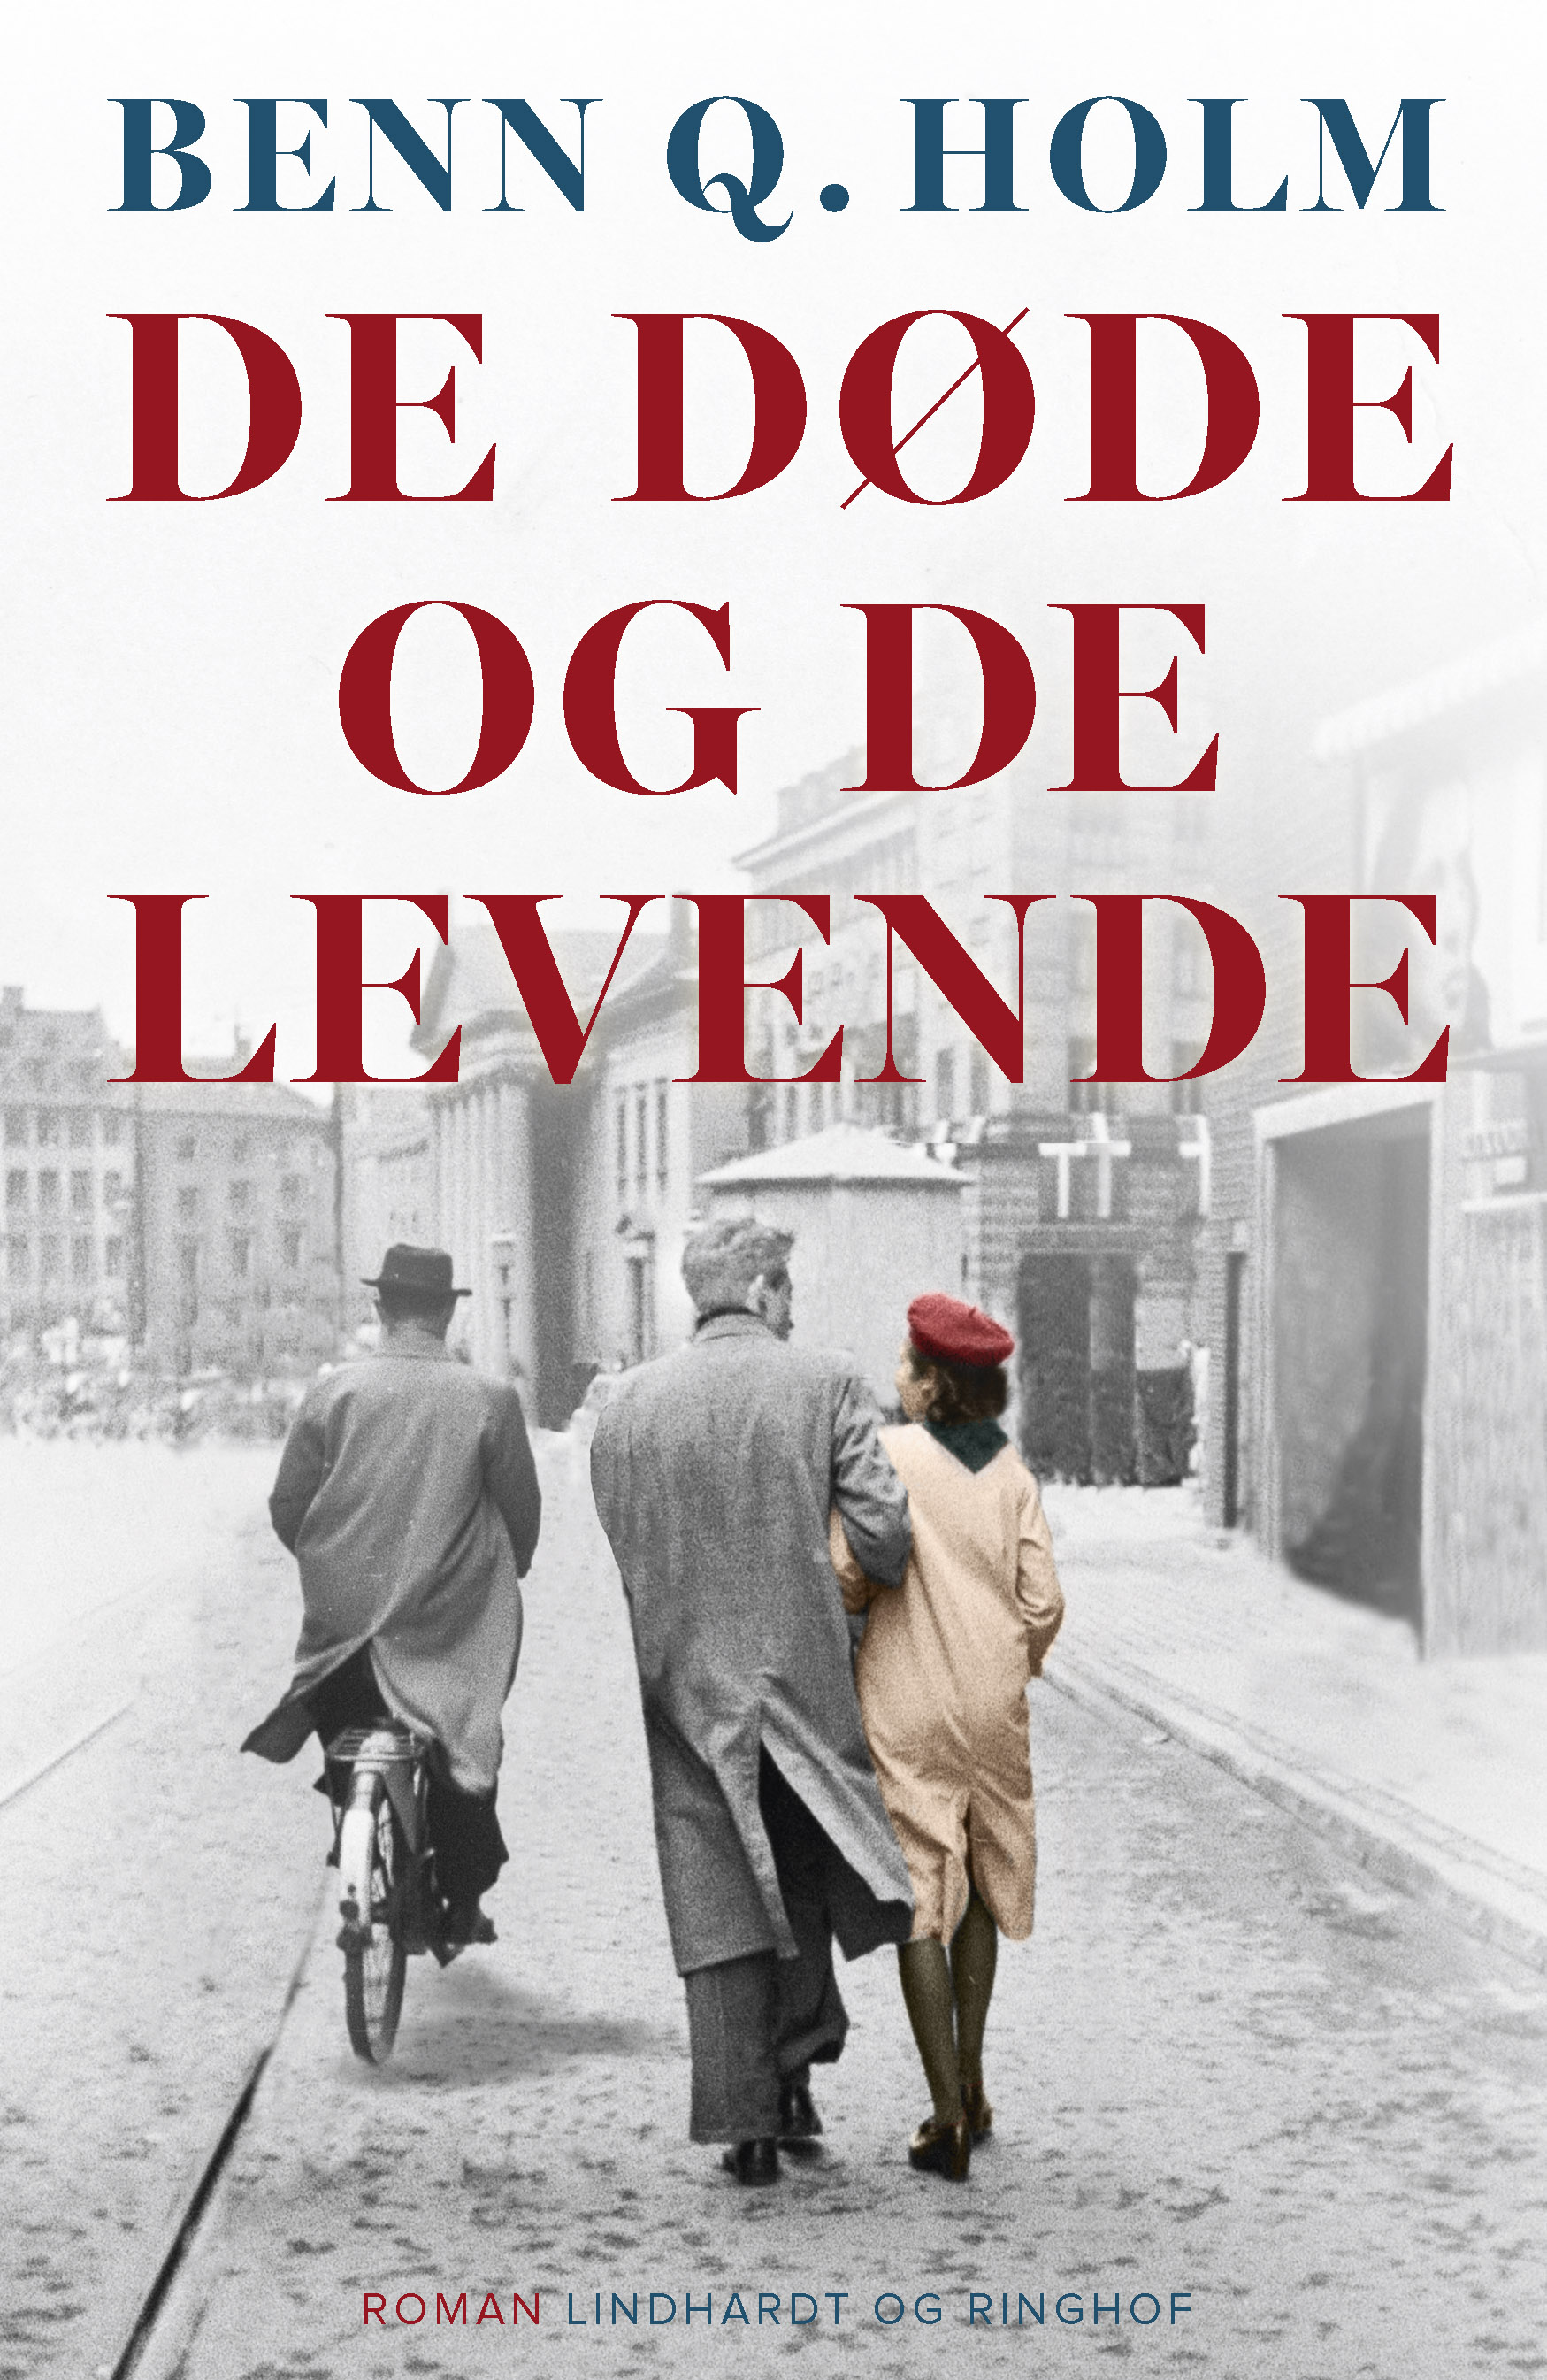 De døde og de levende, Benn Q. Holm, roman, Anden Verdenskrig